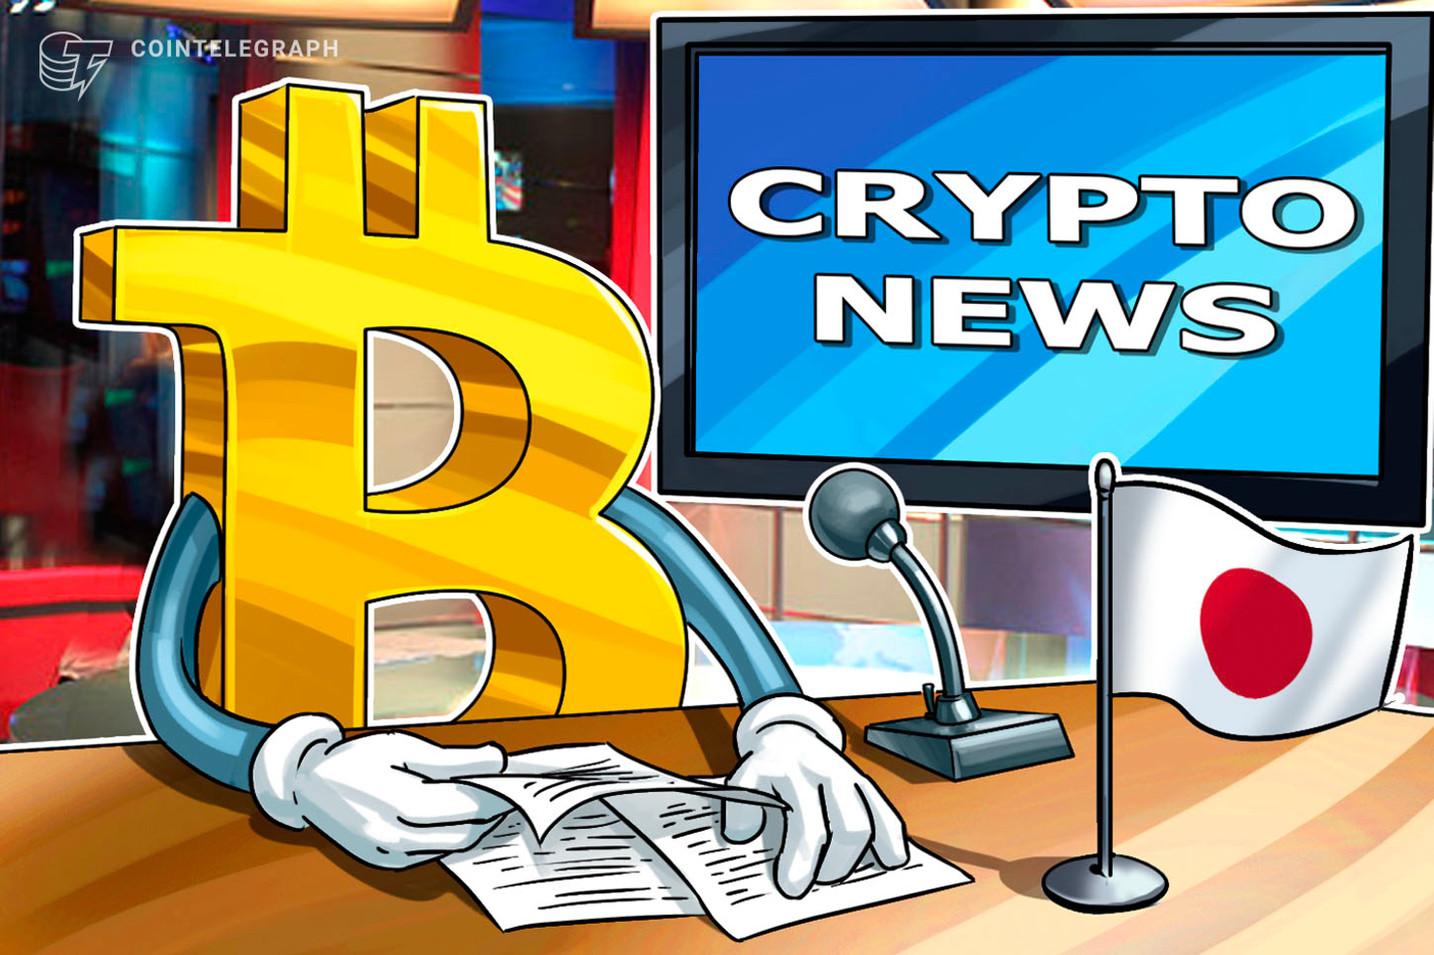 【速報】楽天ウォレット、仮想通貨の証拠金取引サービスを開始 | 専用アプリも公開